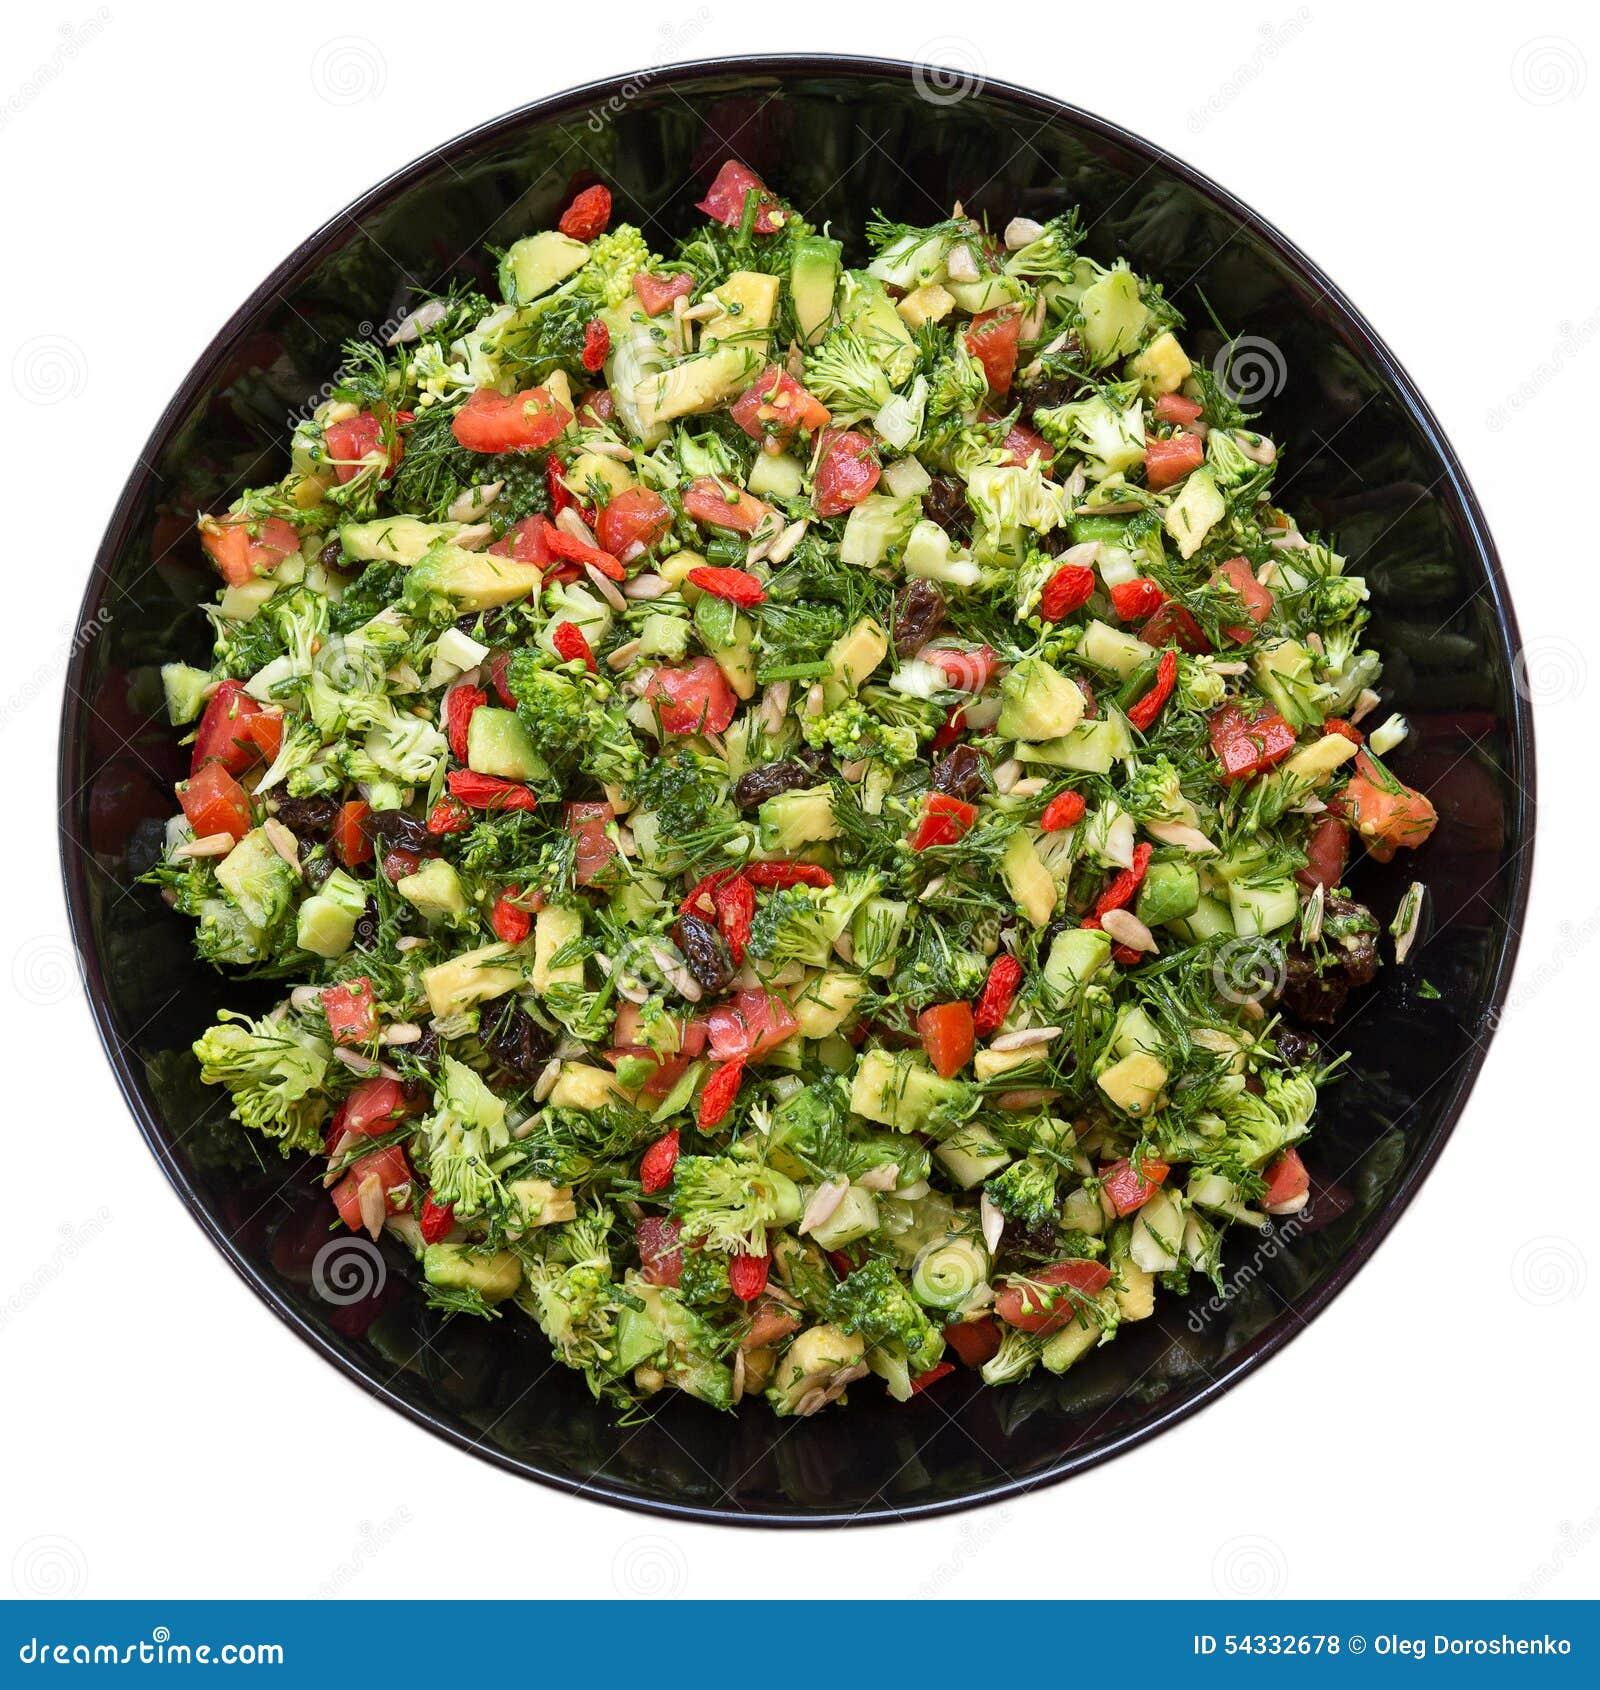 salat mit brokkoli roter pfeffer avocado dill rosinen sonnenblumensamen stockfoto bild. Black Bedroom Furniture Sets. Home Design Ideas